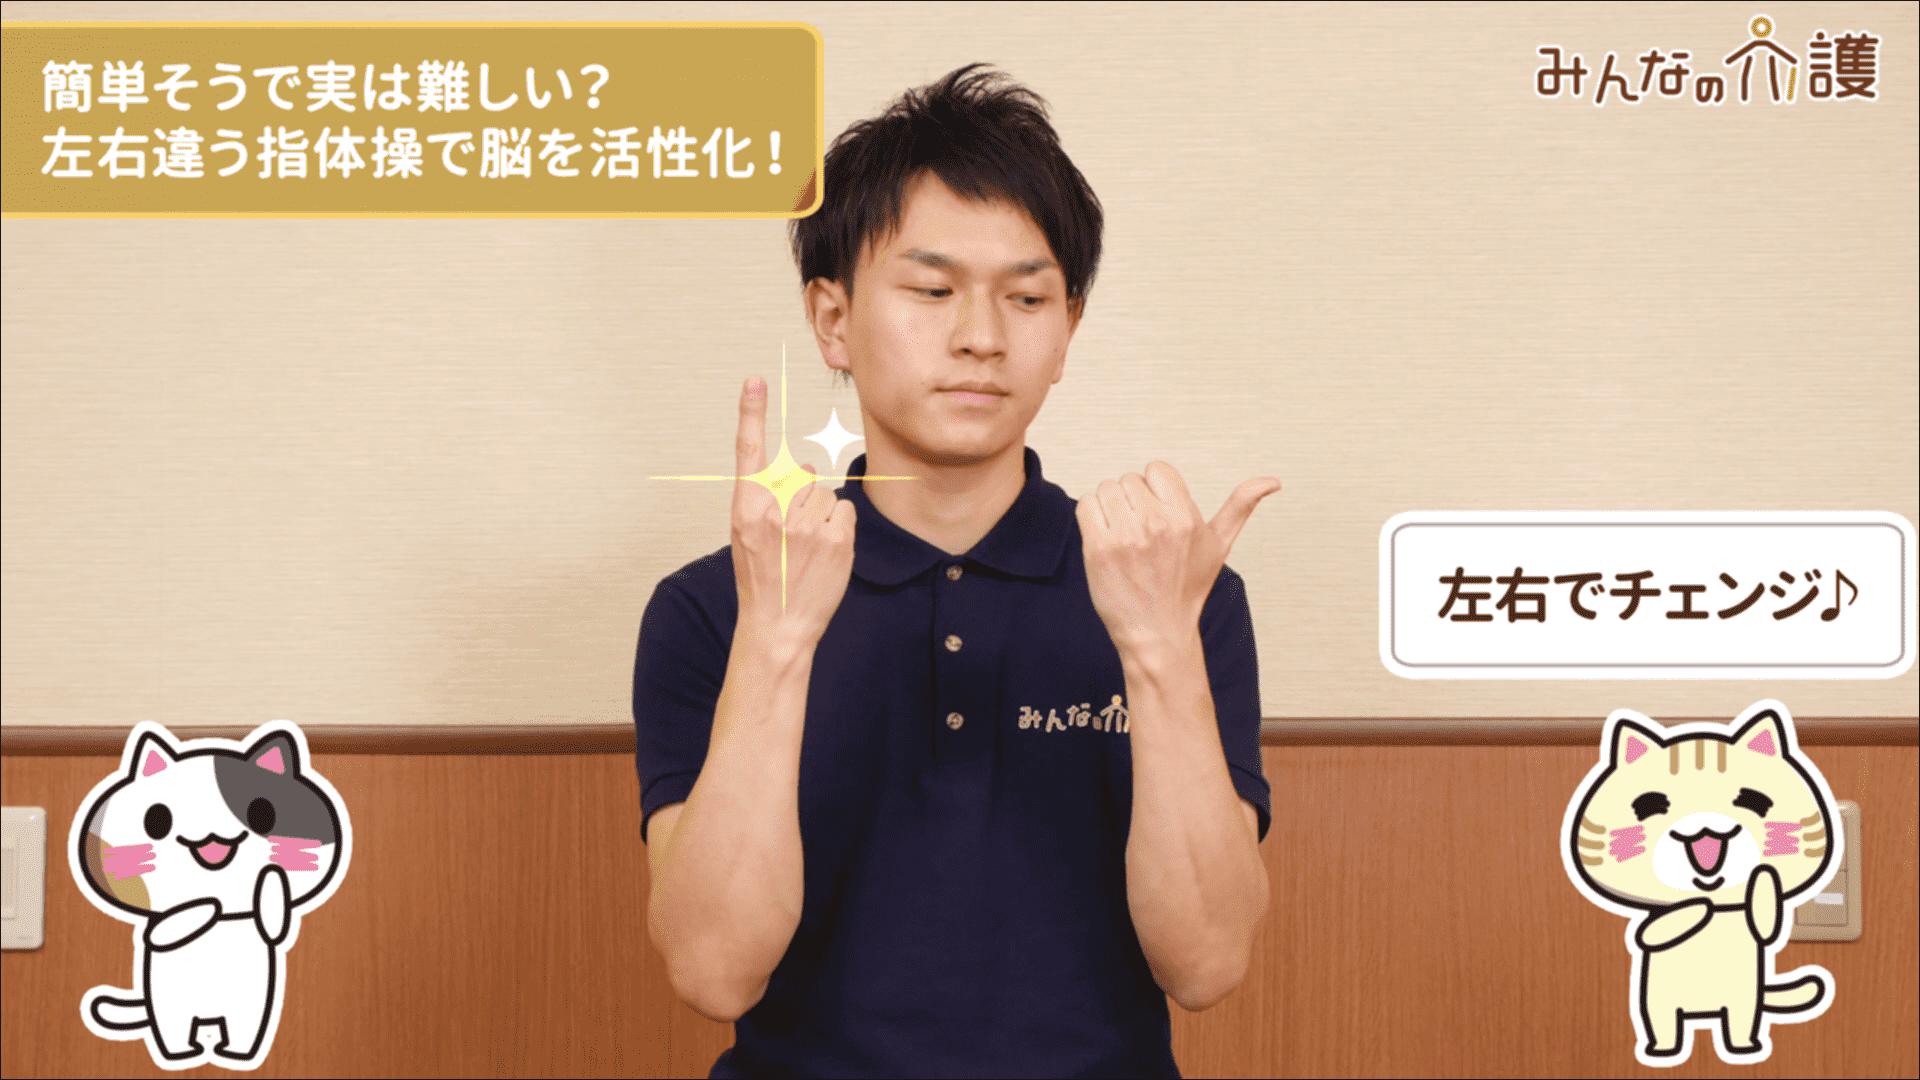 指を変えているイメージ